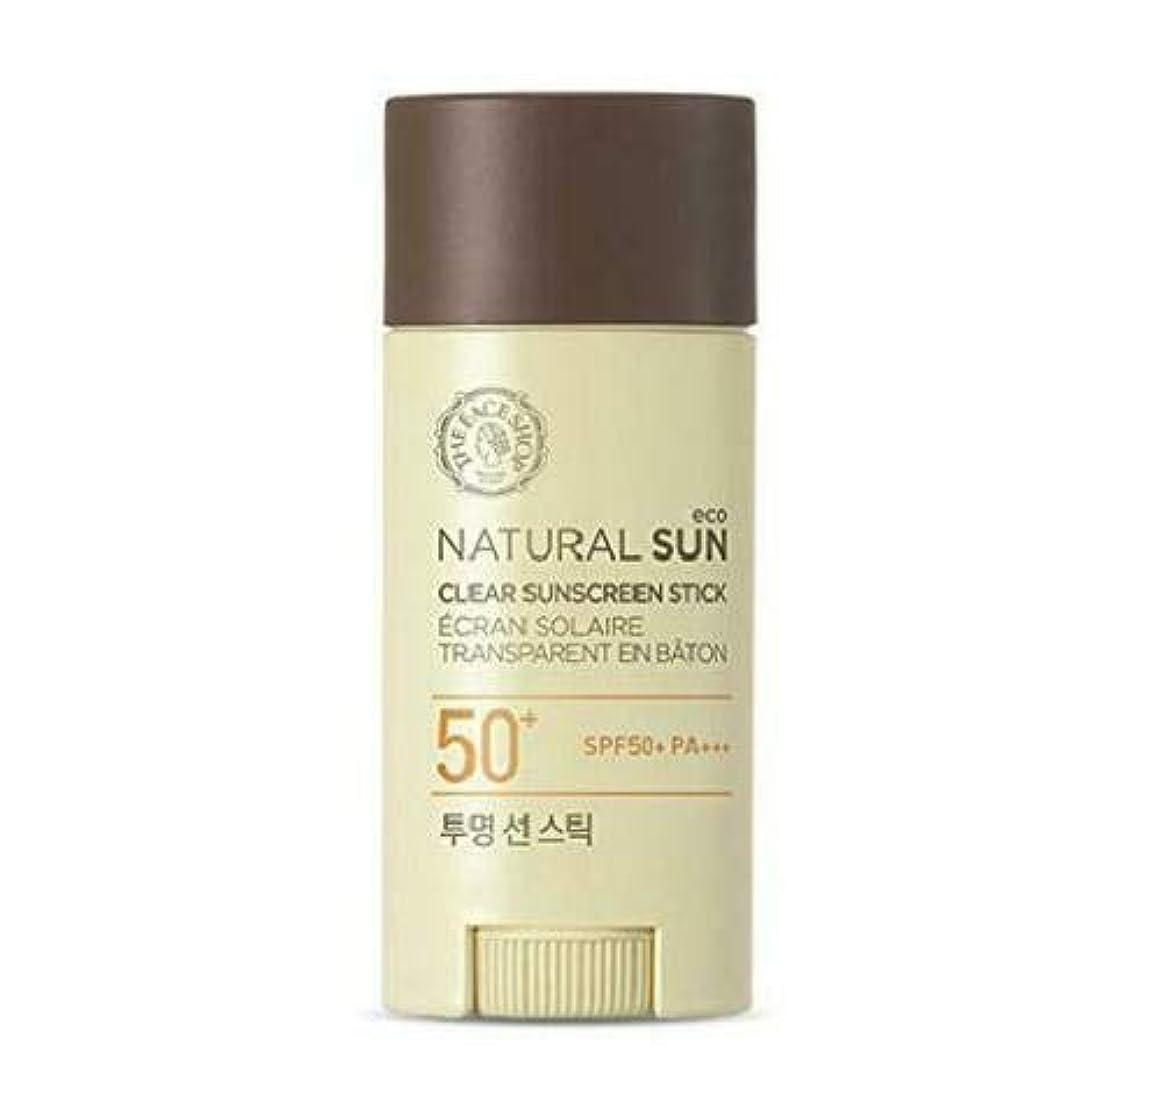 ゆりかご削除する失望ザフェイスショップ(The Face Shop) Natural Eco Sun Clear Sunscreen Stick サンスティック (13.5g) SPF50+ PA+++